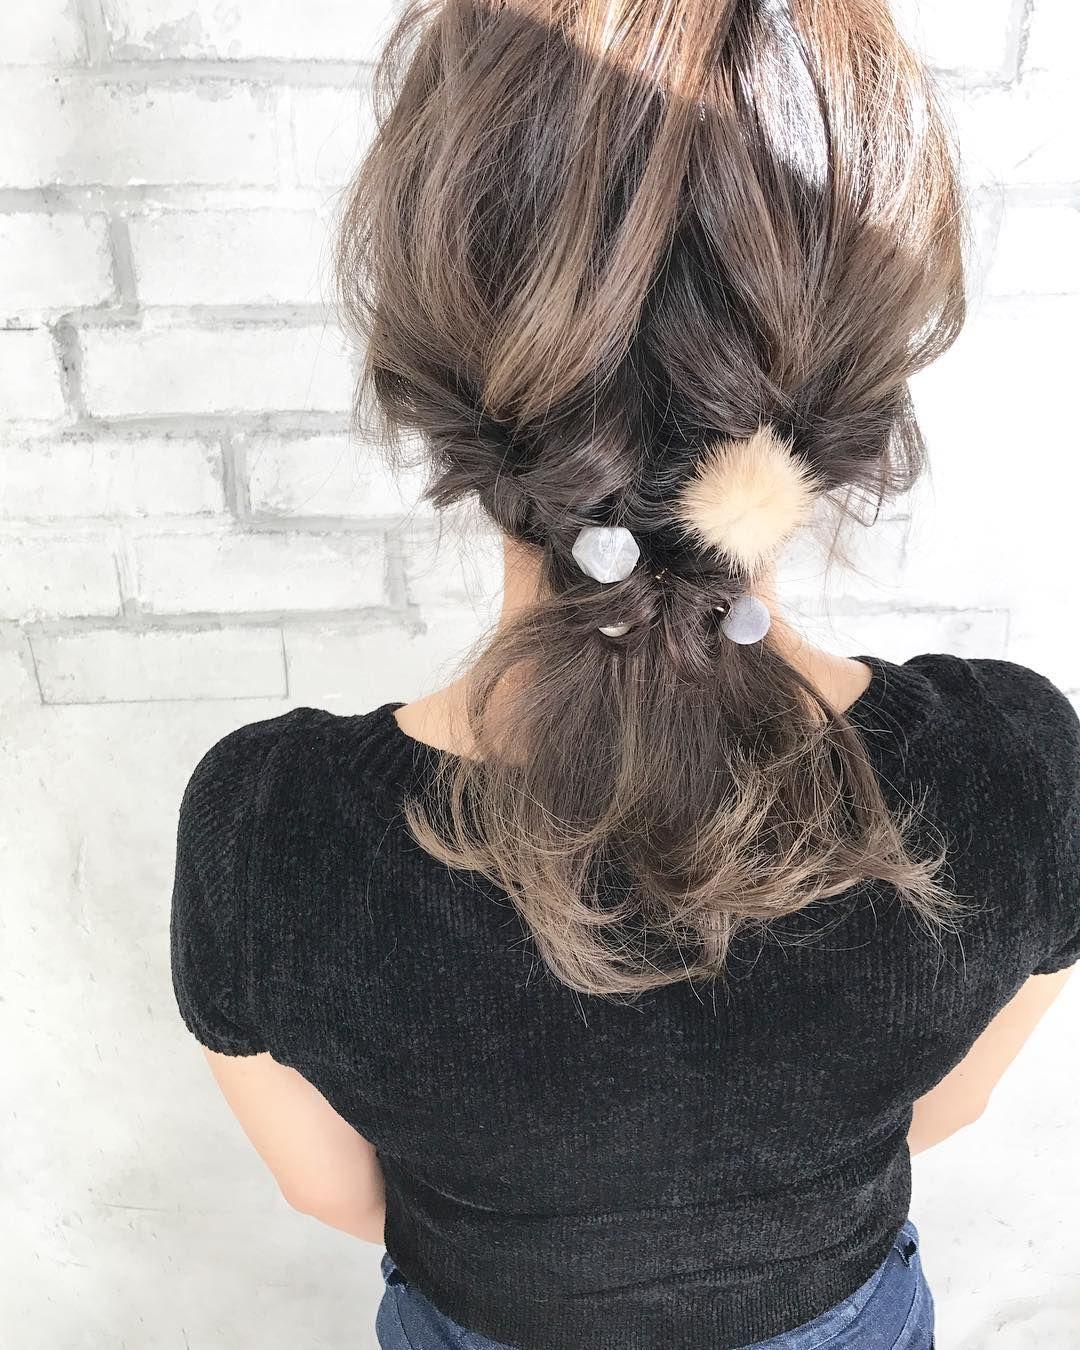 635f6f43300429 秋髪は女っぽく♡ざっくりニットに合わせたいボブ・ミディアムのまとめ髪アレンジ - LOCARI(ロカリ)